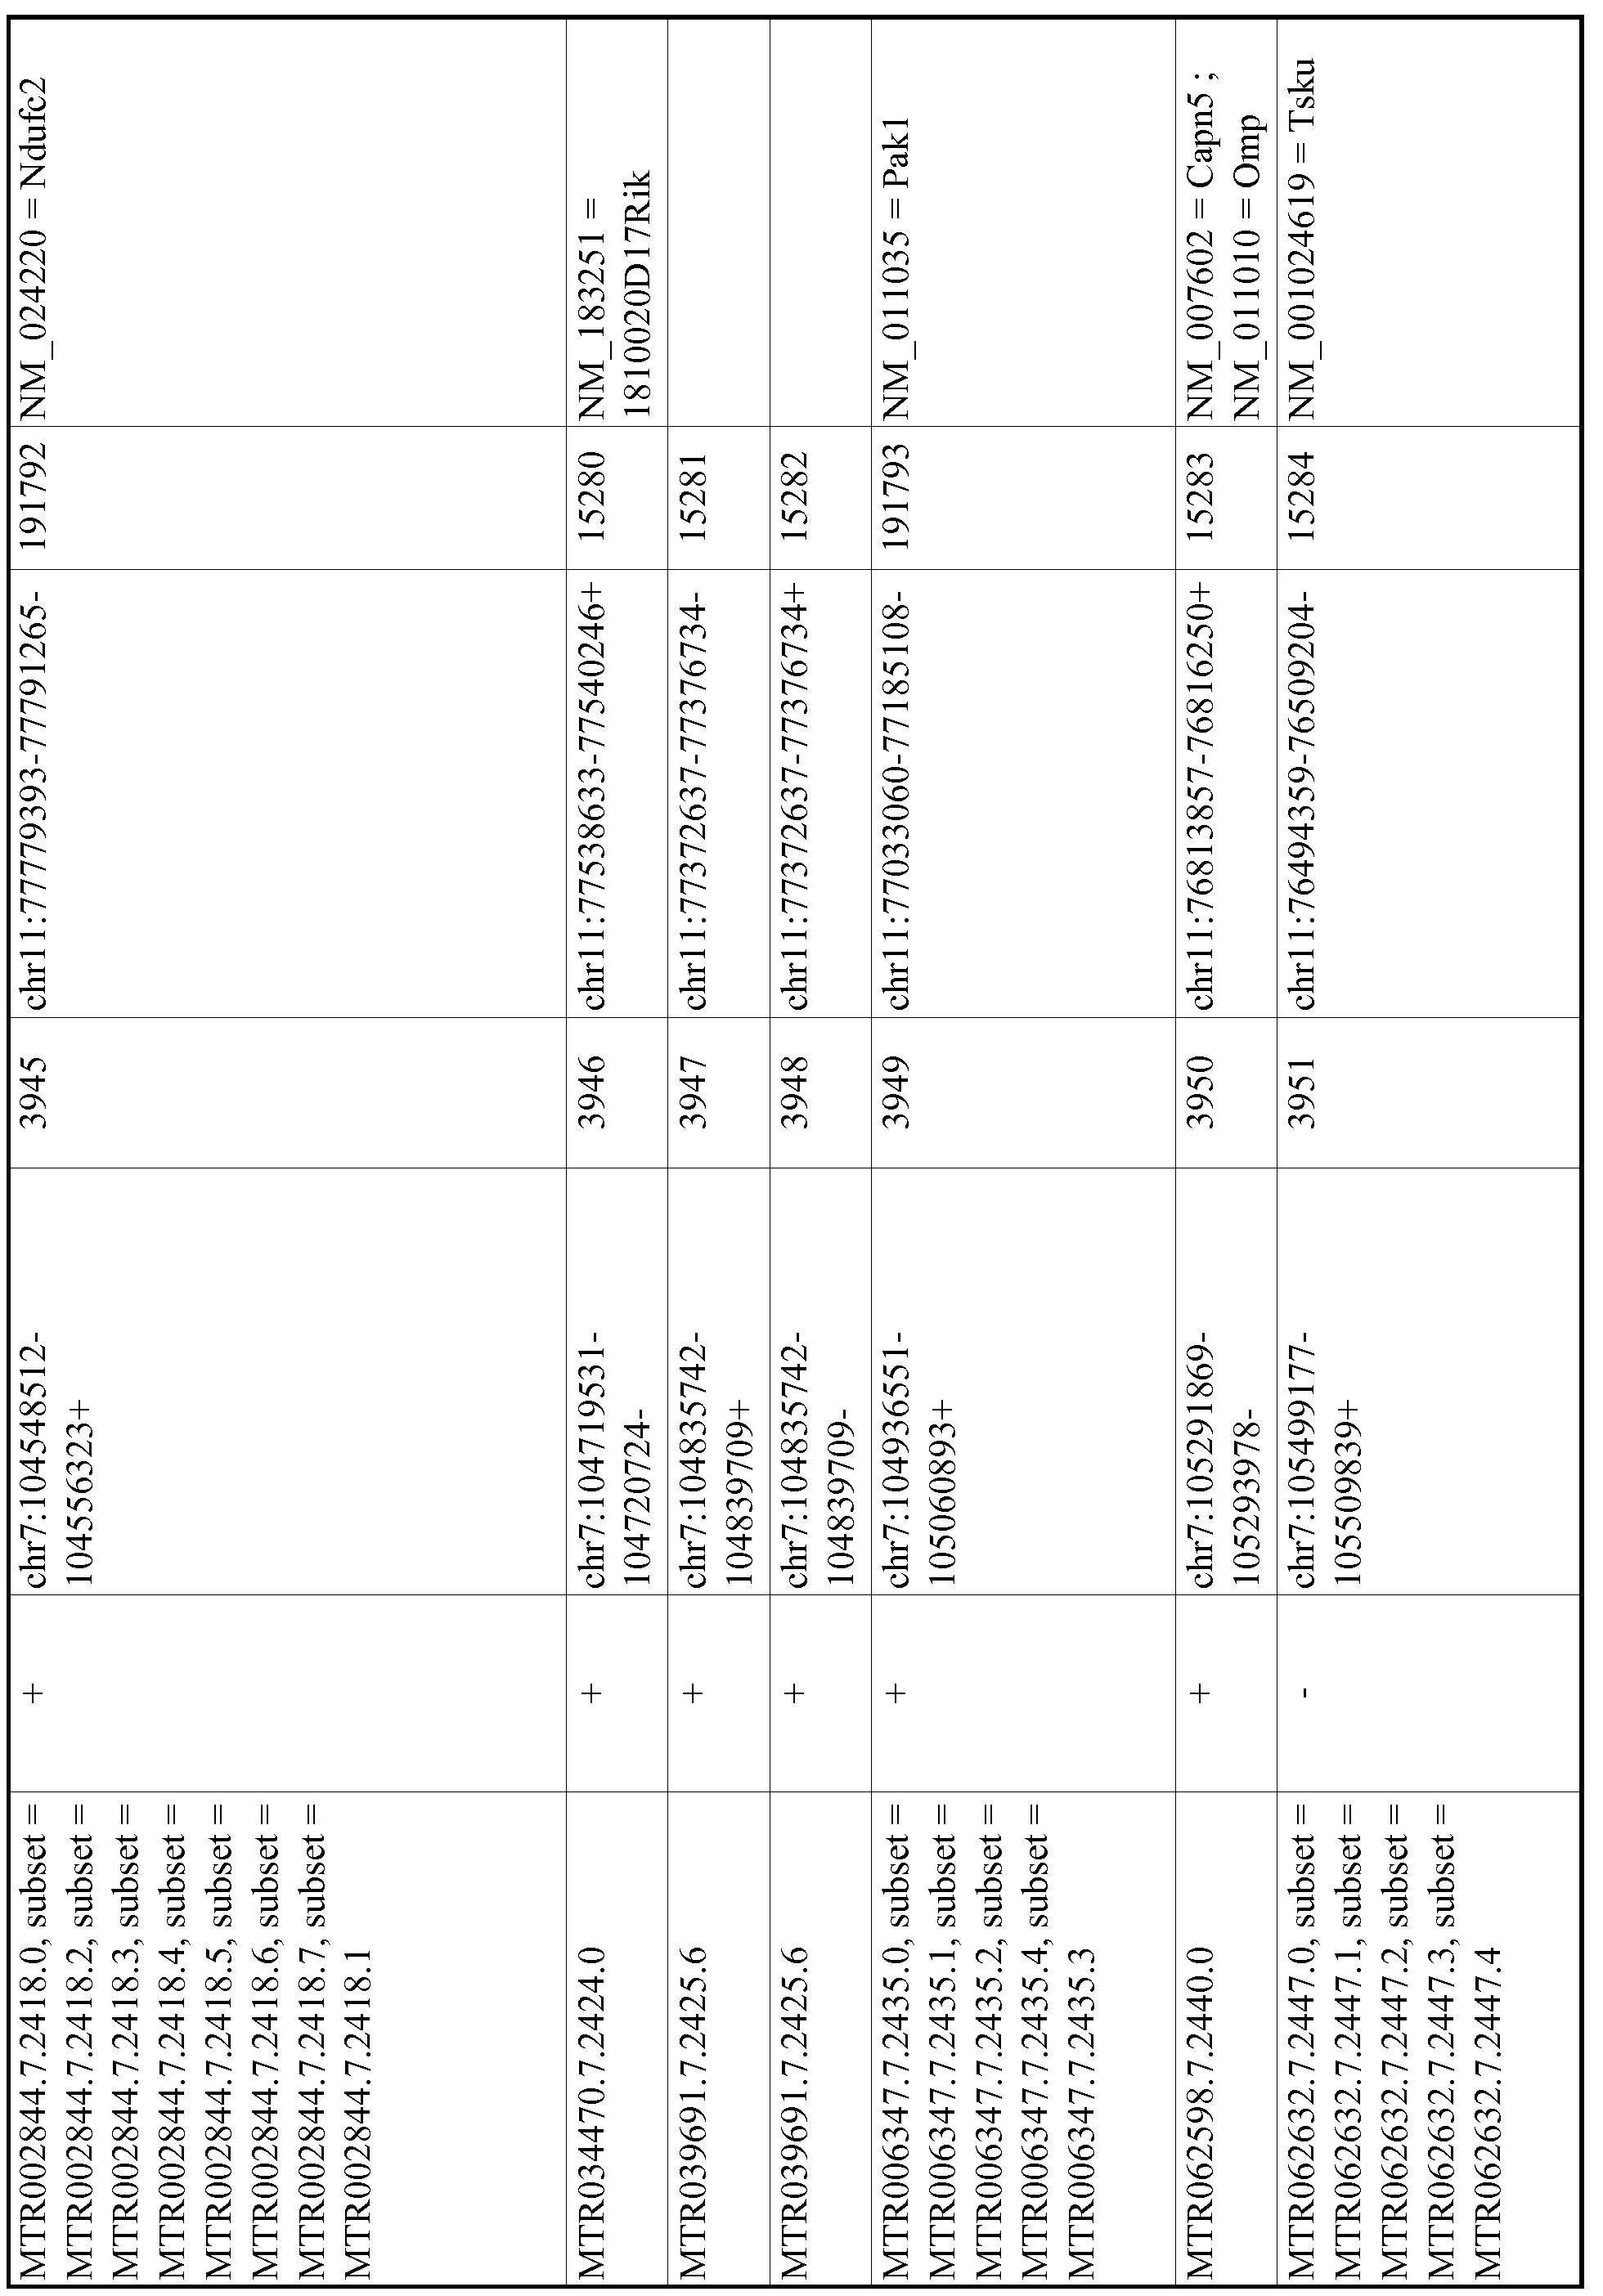 Figure imgf000754_0001